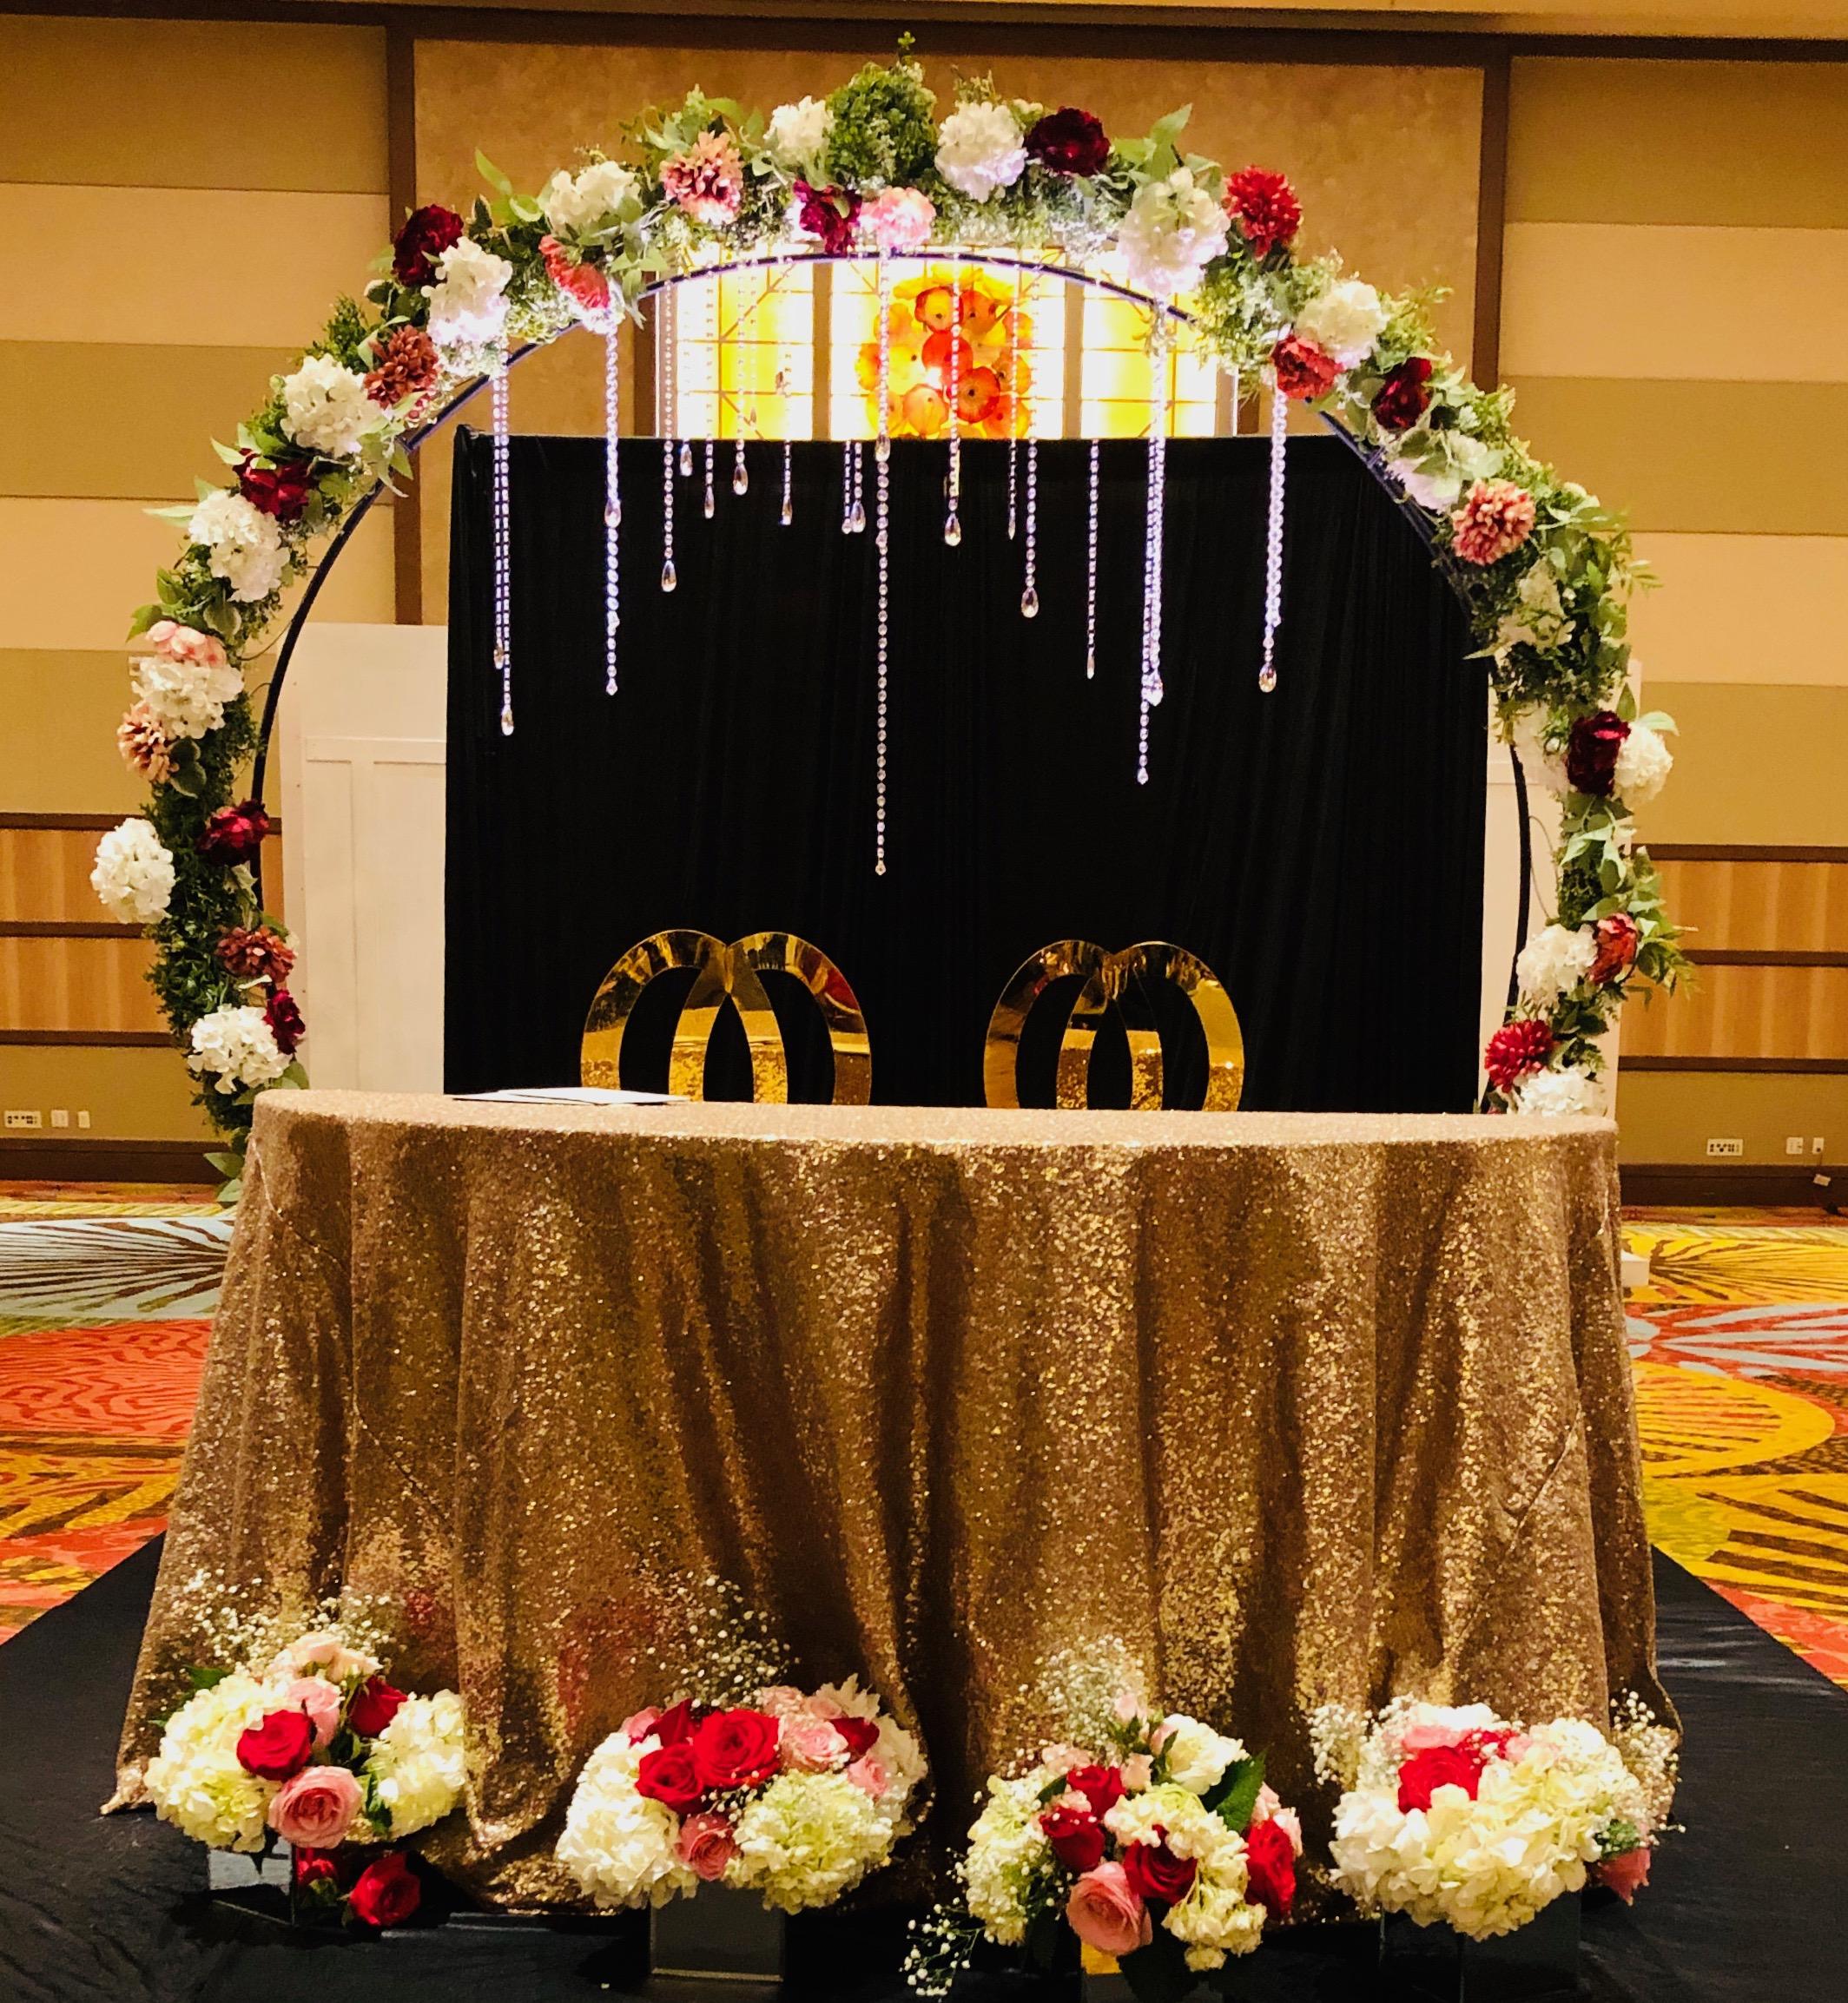 Circular floral archway